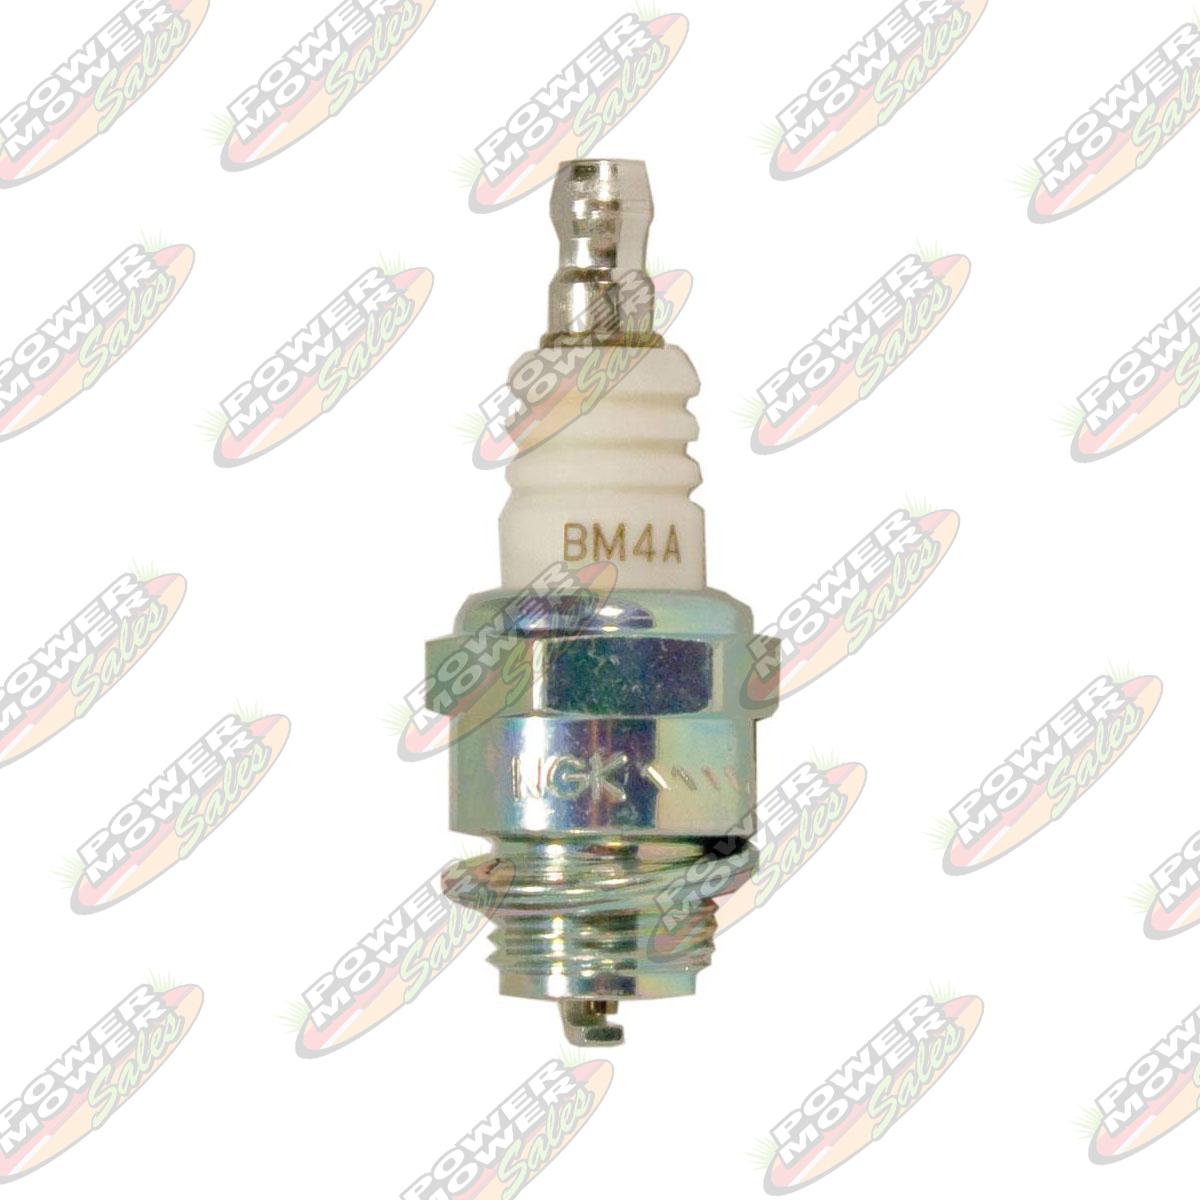 NGK BM4A Standard Spark Plug 5628 Pack of 1